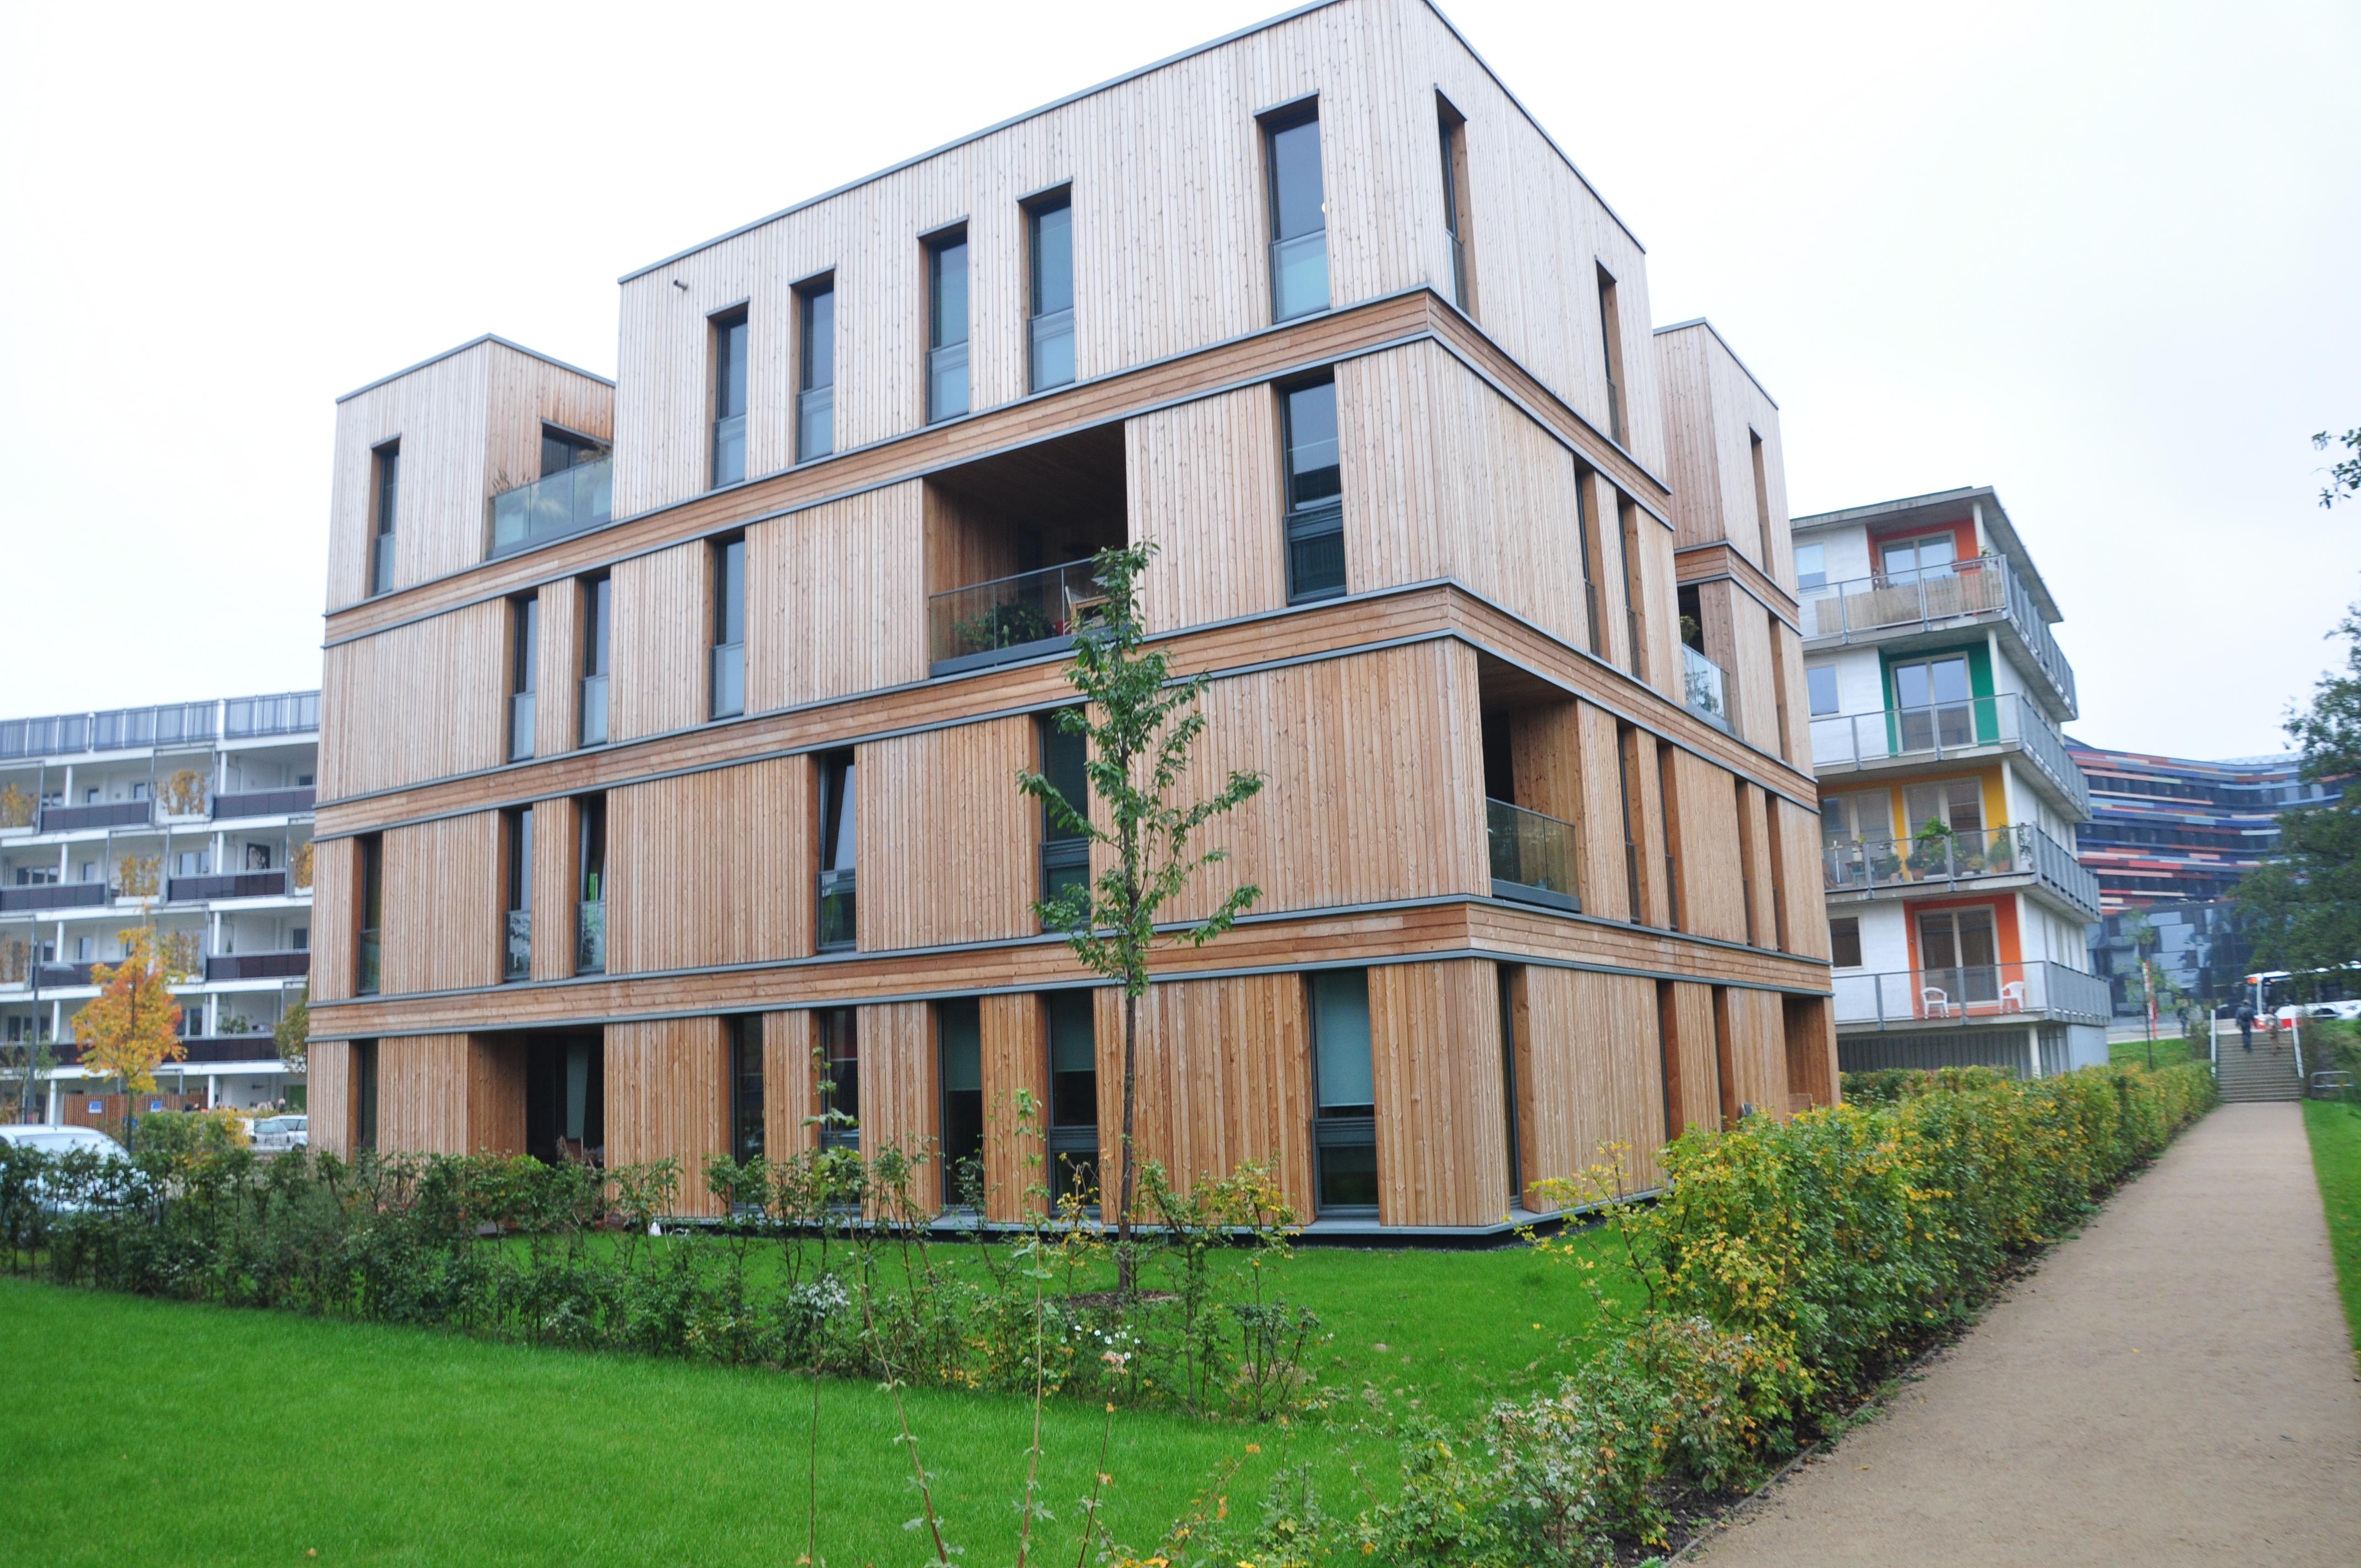 Holzhaus Modulbauweise modulbauweise archive ungewohnlich netungewohnlich